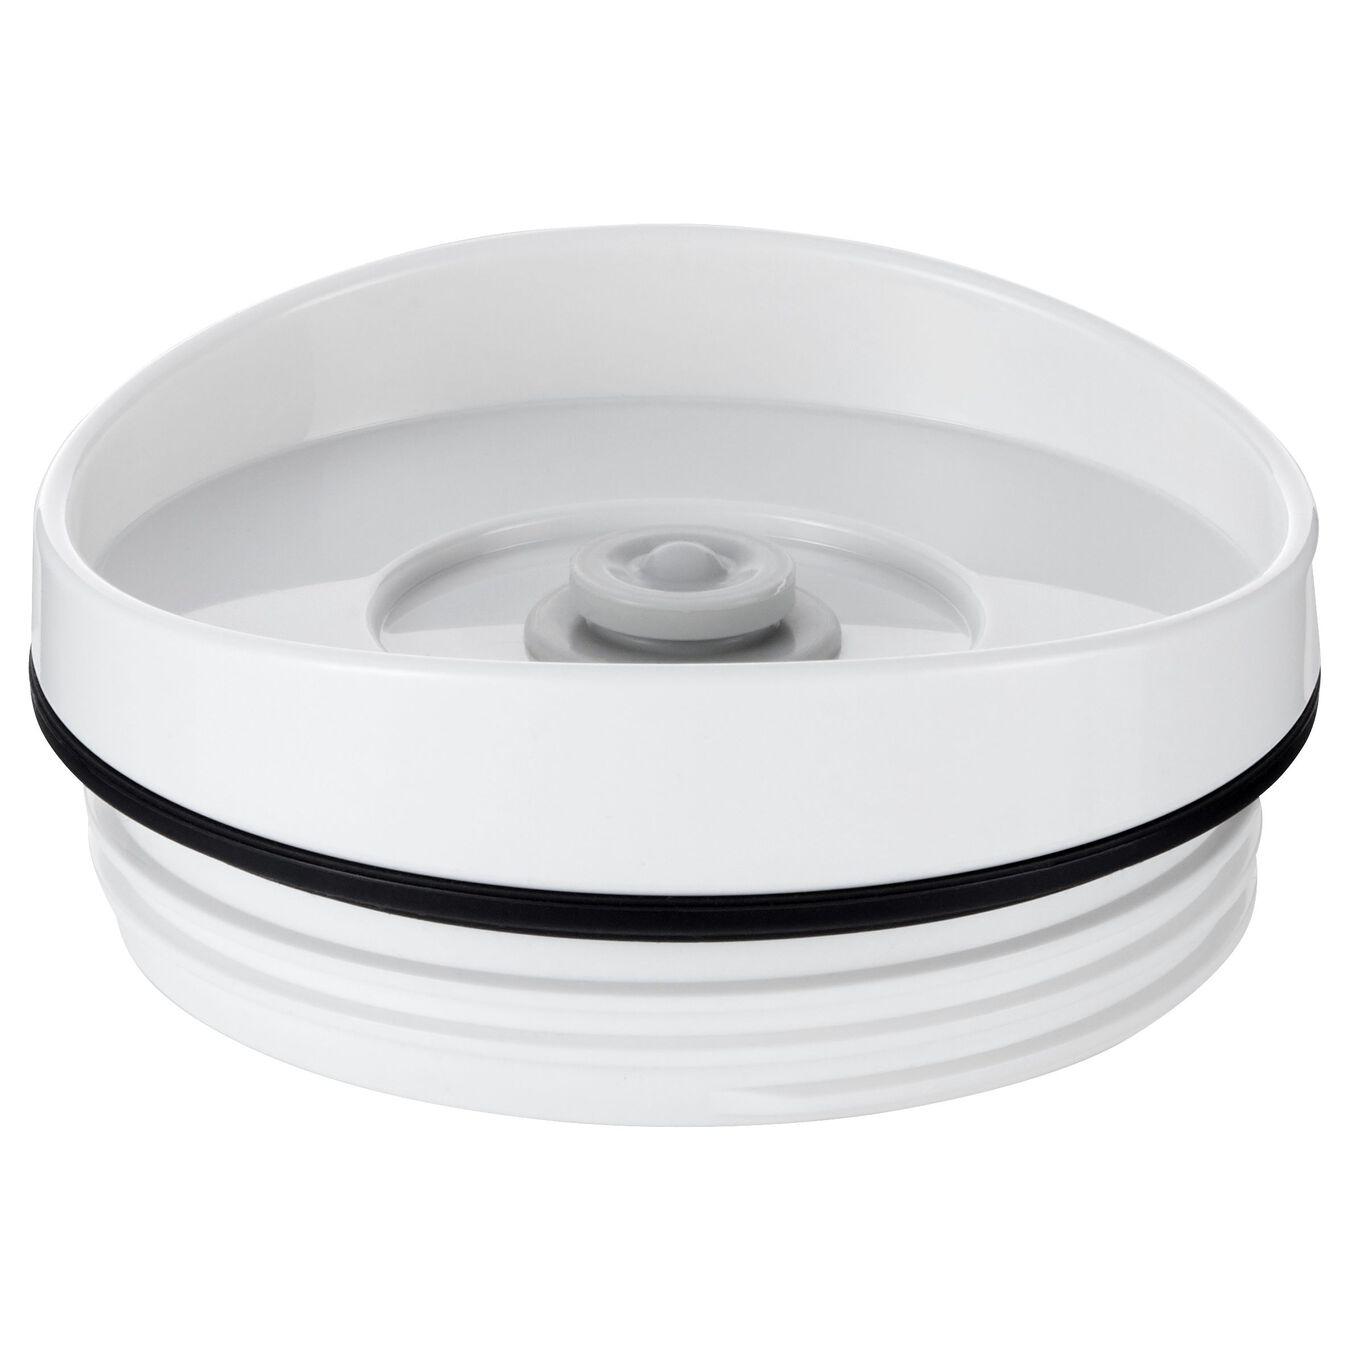 Coperchio sottovuoto per il Personal blender, plastica, bianco,,large 2